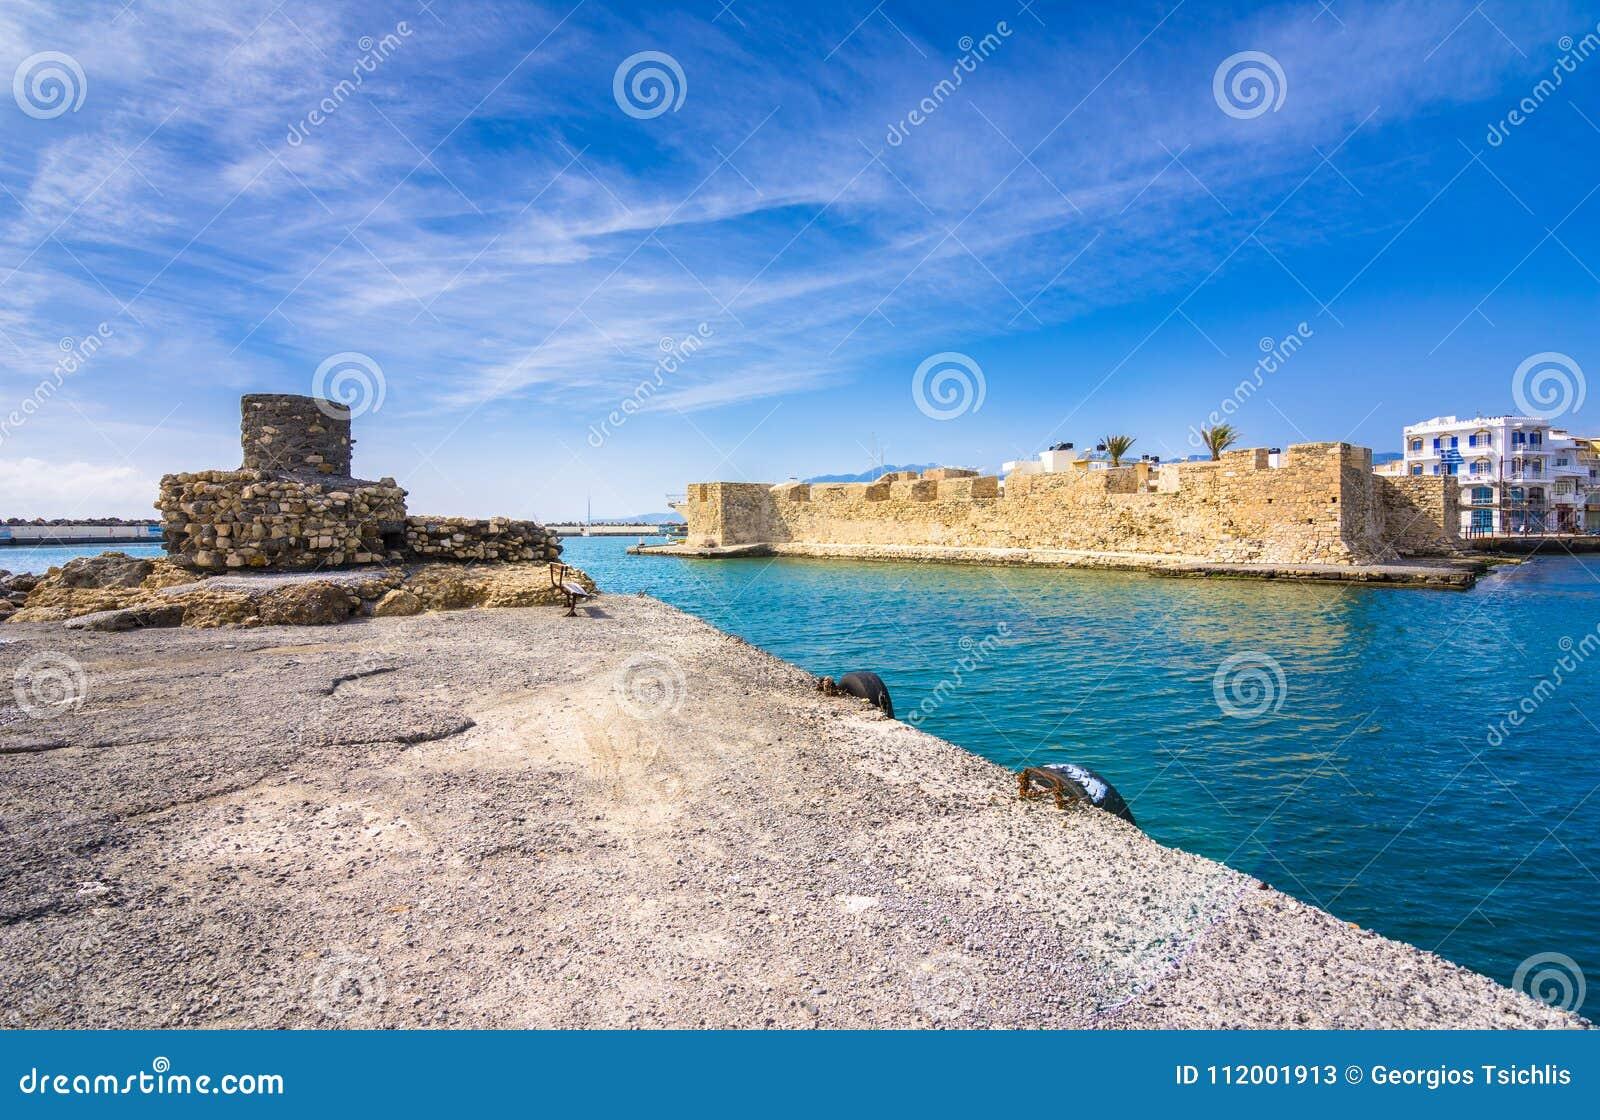 Ansicht der venetianischen Festung der Kohle am Eingang zum Hafen, Ierapetra, Kreta